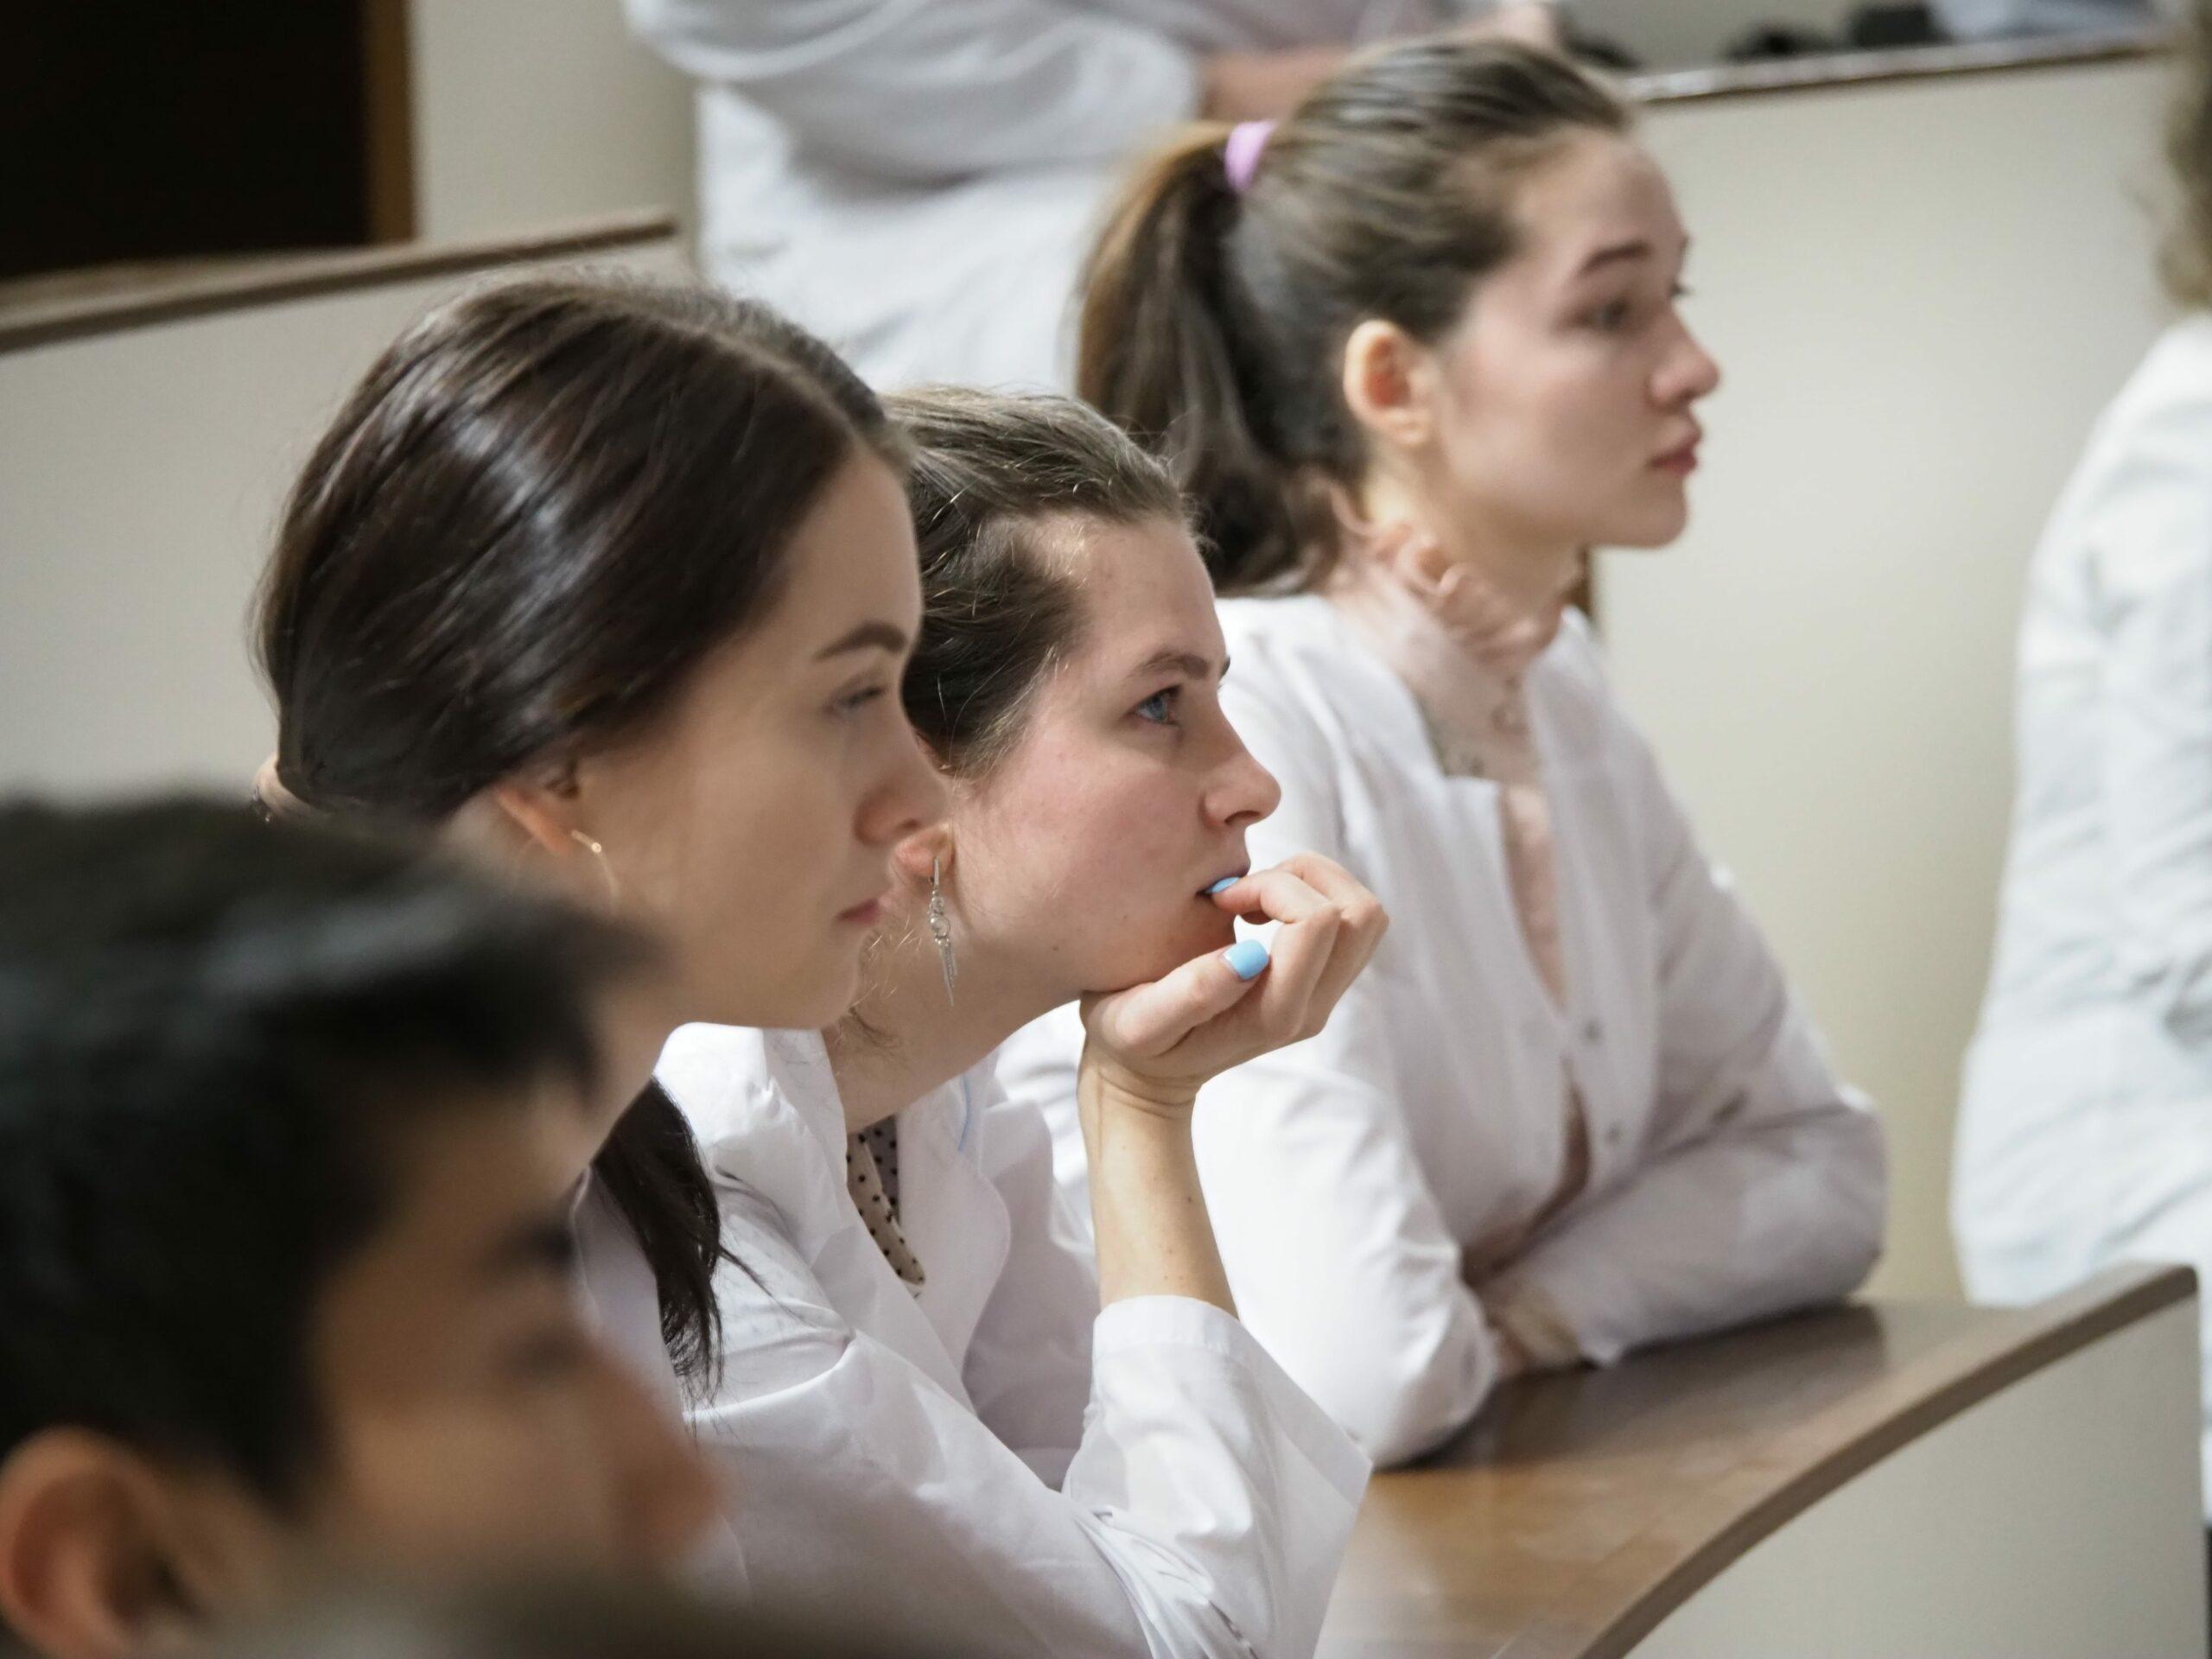 В Военно-медицинской академии состоялась конференция «Гистологические закономерности раневого процесса»